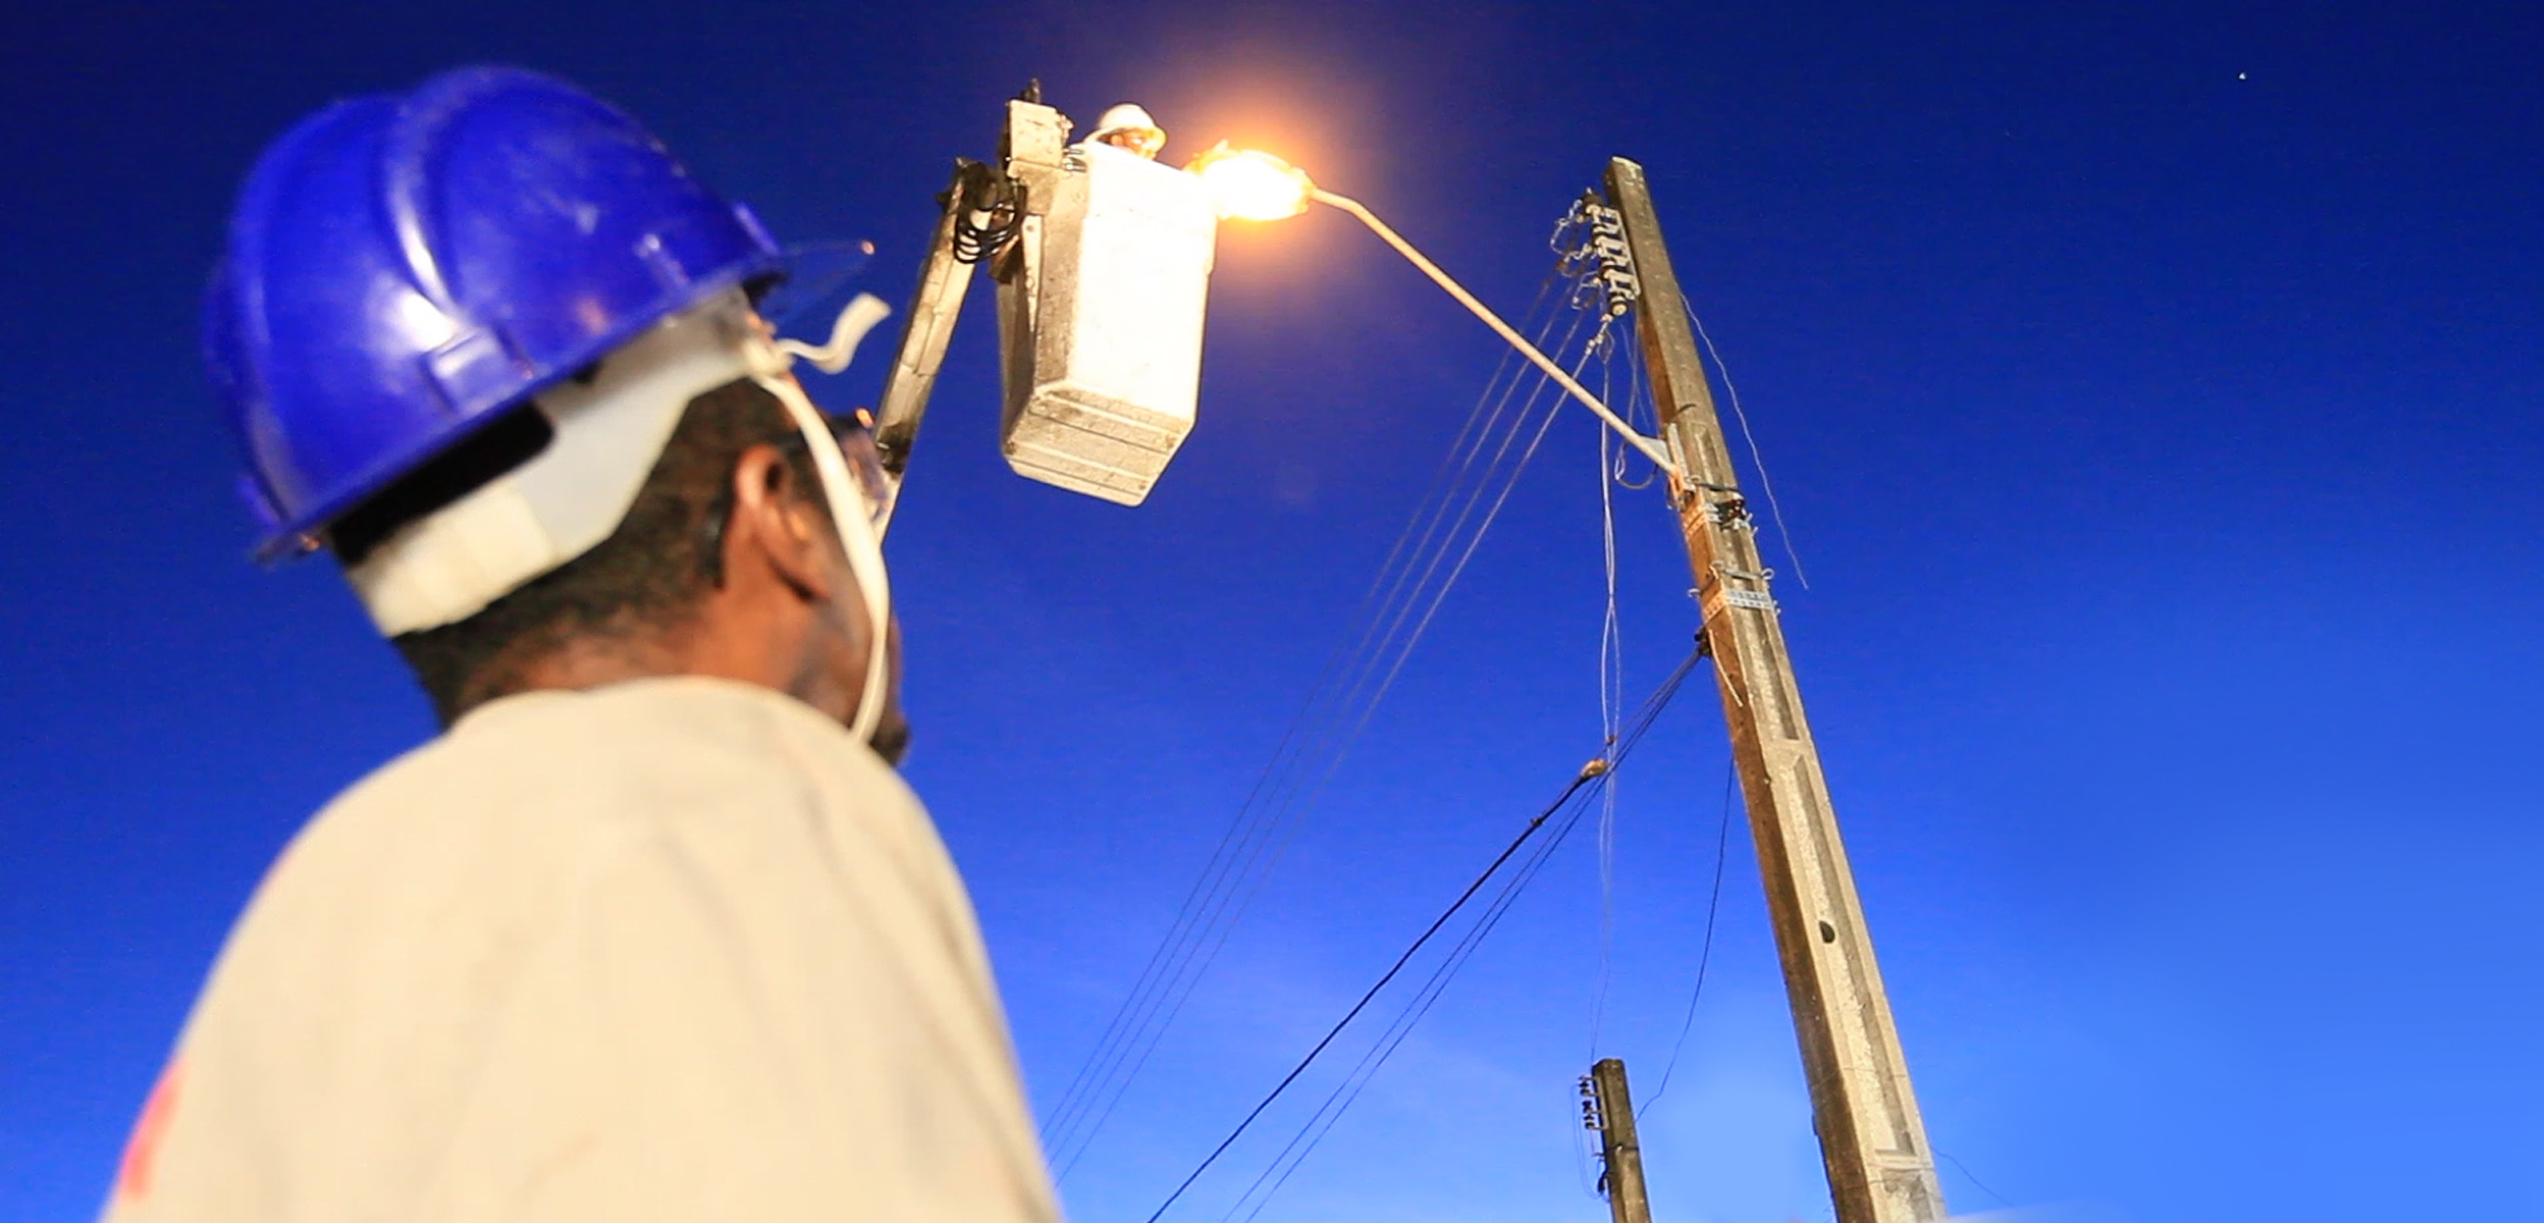 Prefeitura de Balneário Piçarras economizará 45% em manutenção de iluminação pública